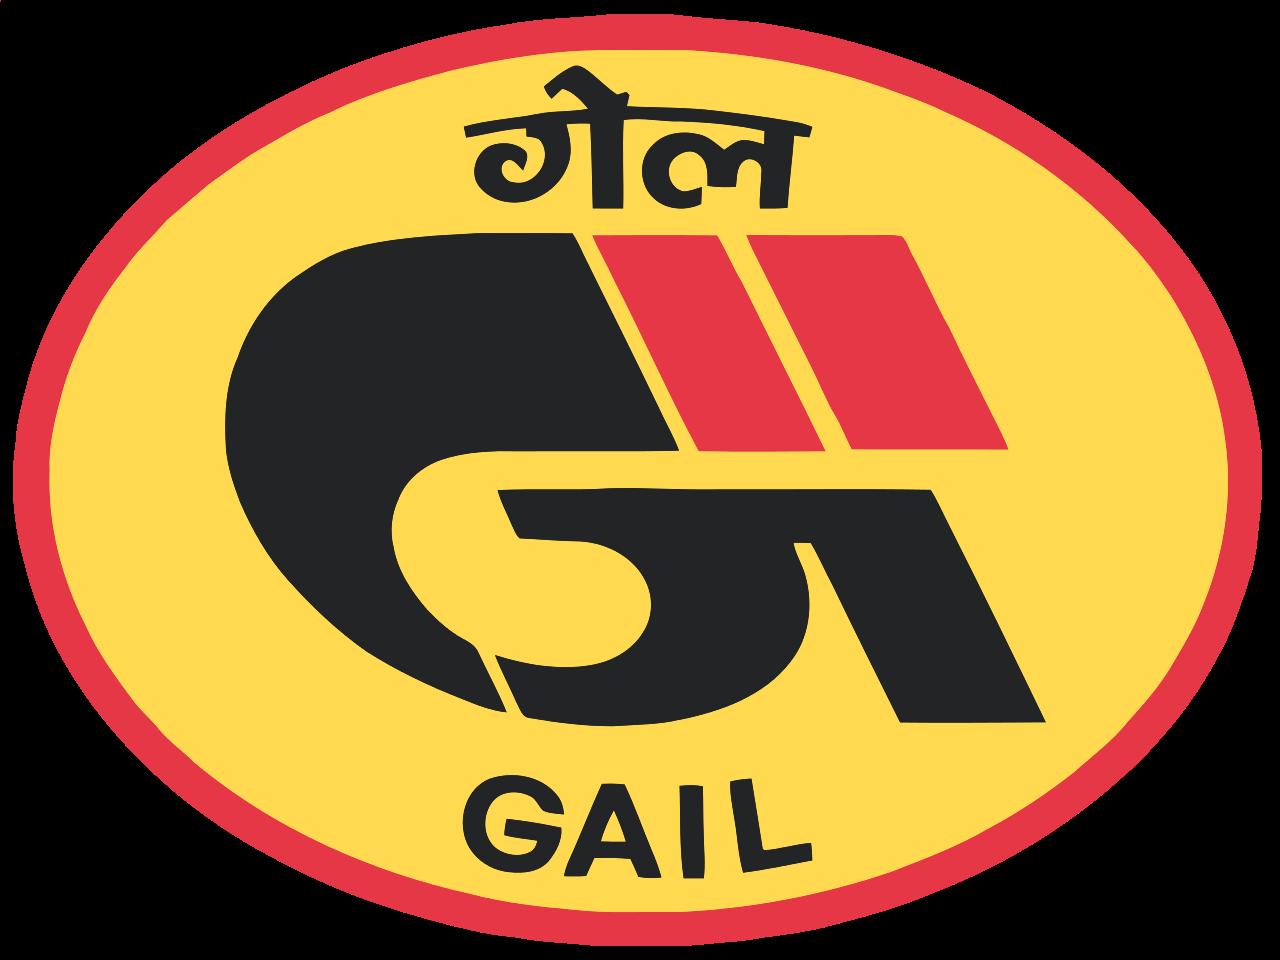 GAIL Recruitment of Executive Trainees through GATE 2017